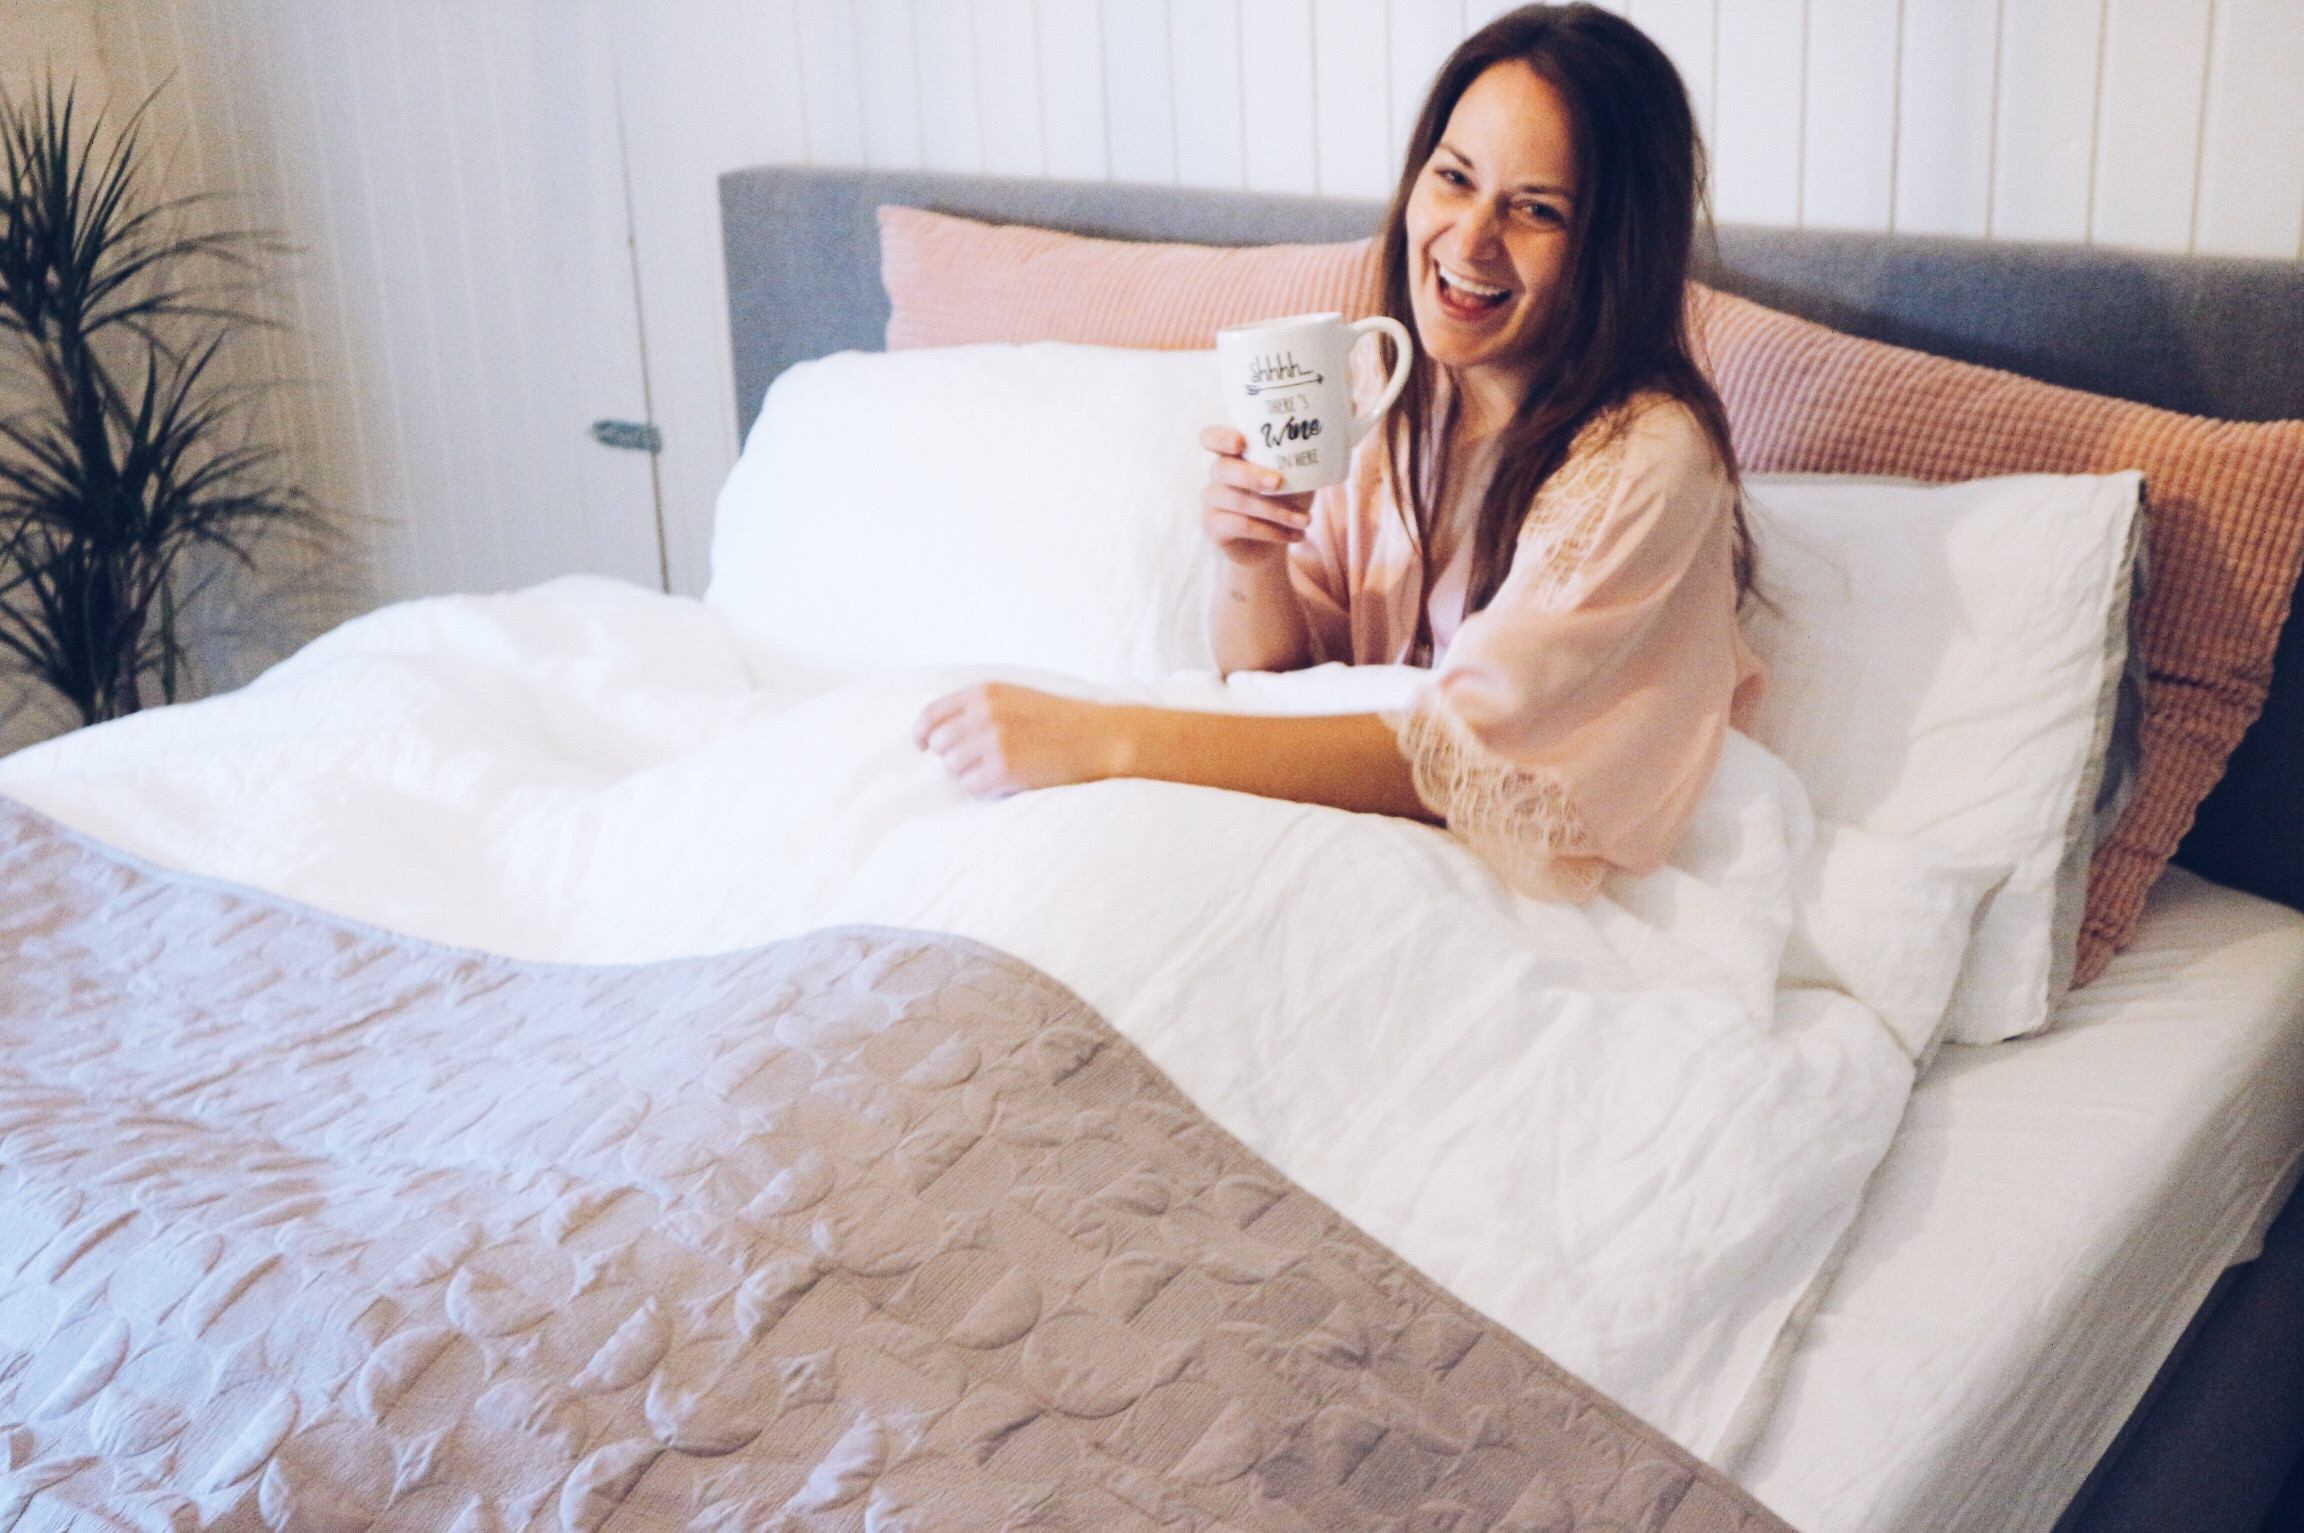 xmariekie, blog, blogger, inspiratie, lovemorningswitheve, eve, evesleep, sleep, slapen, bed, beddengoed, sprei, linnen, goedemorgen, koffie, coffee, linen, linenlove, bedroom, slaapkamer, interieur,